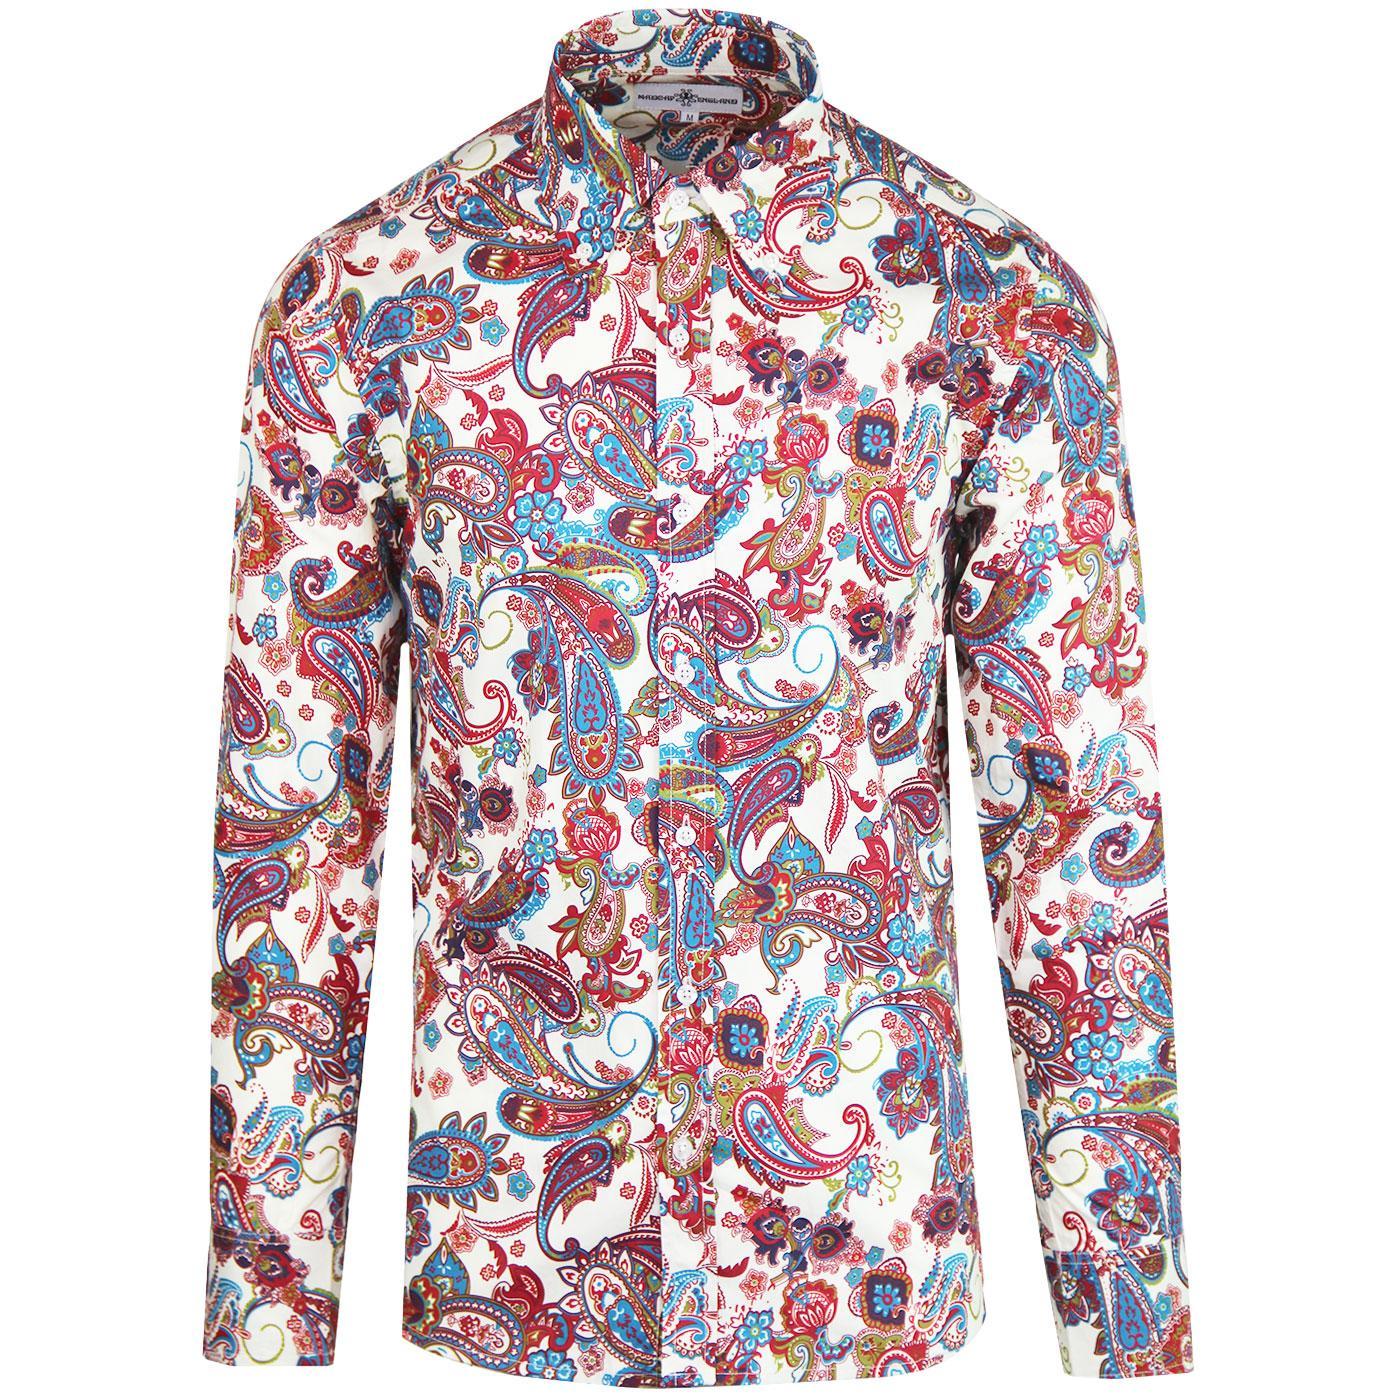 Trip Paisley MADCAP ENGLAND Retro Mod 60s Shirt